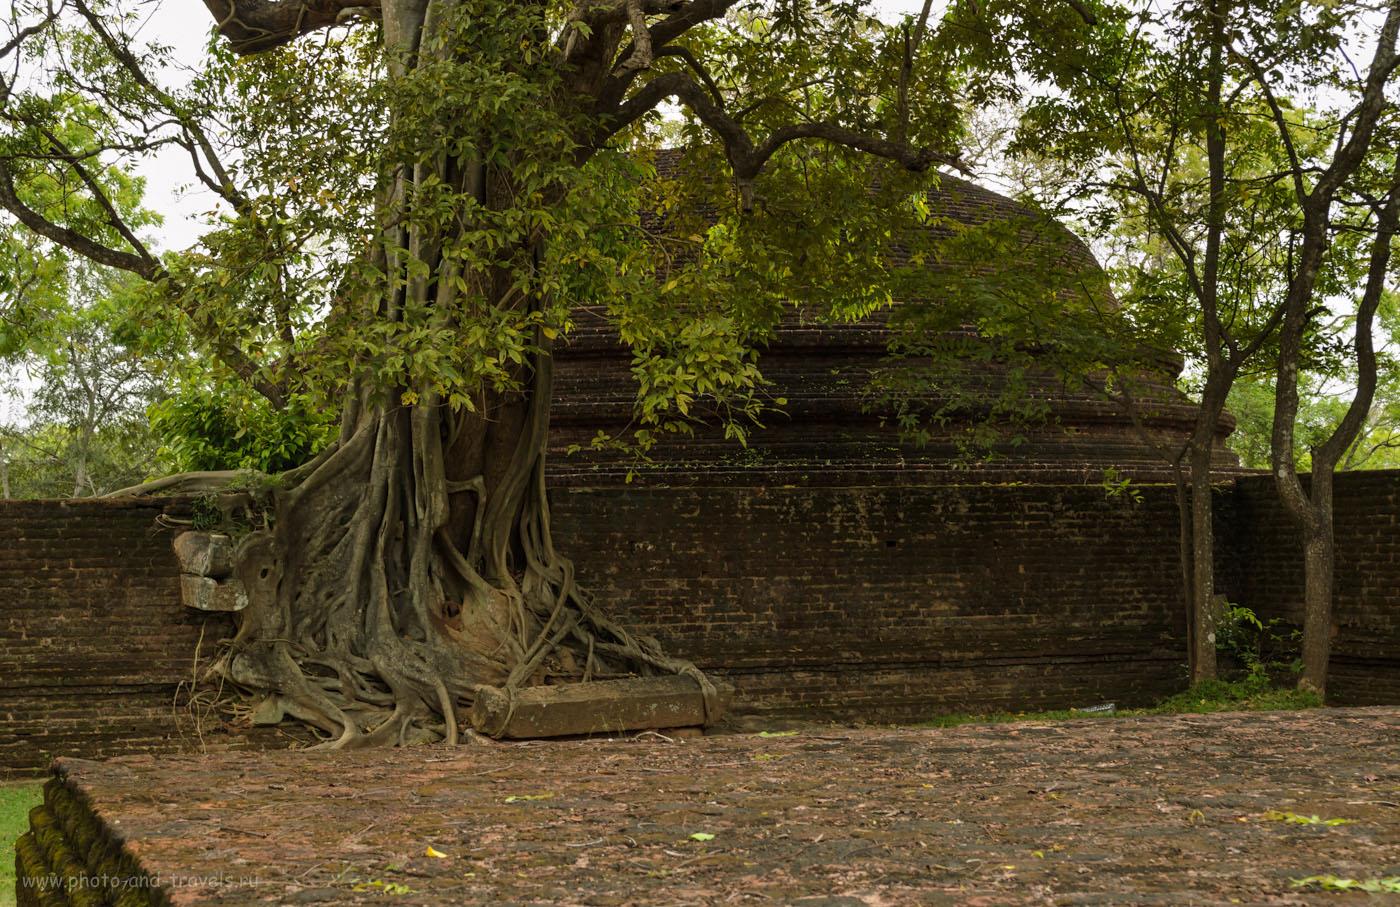 Фото 12. Интересные места на Шри-Ланке. Ступа рядом с крематорием в археологическом комплексе Polonnaruwa.